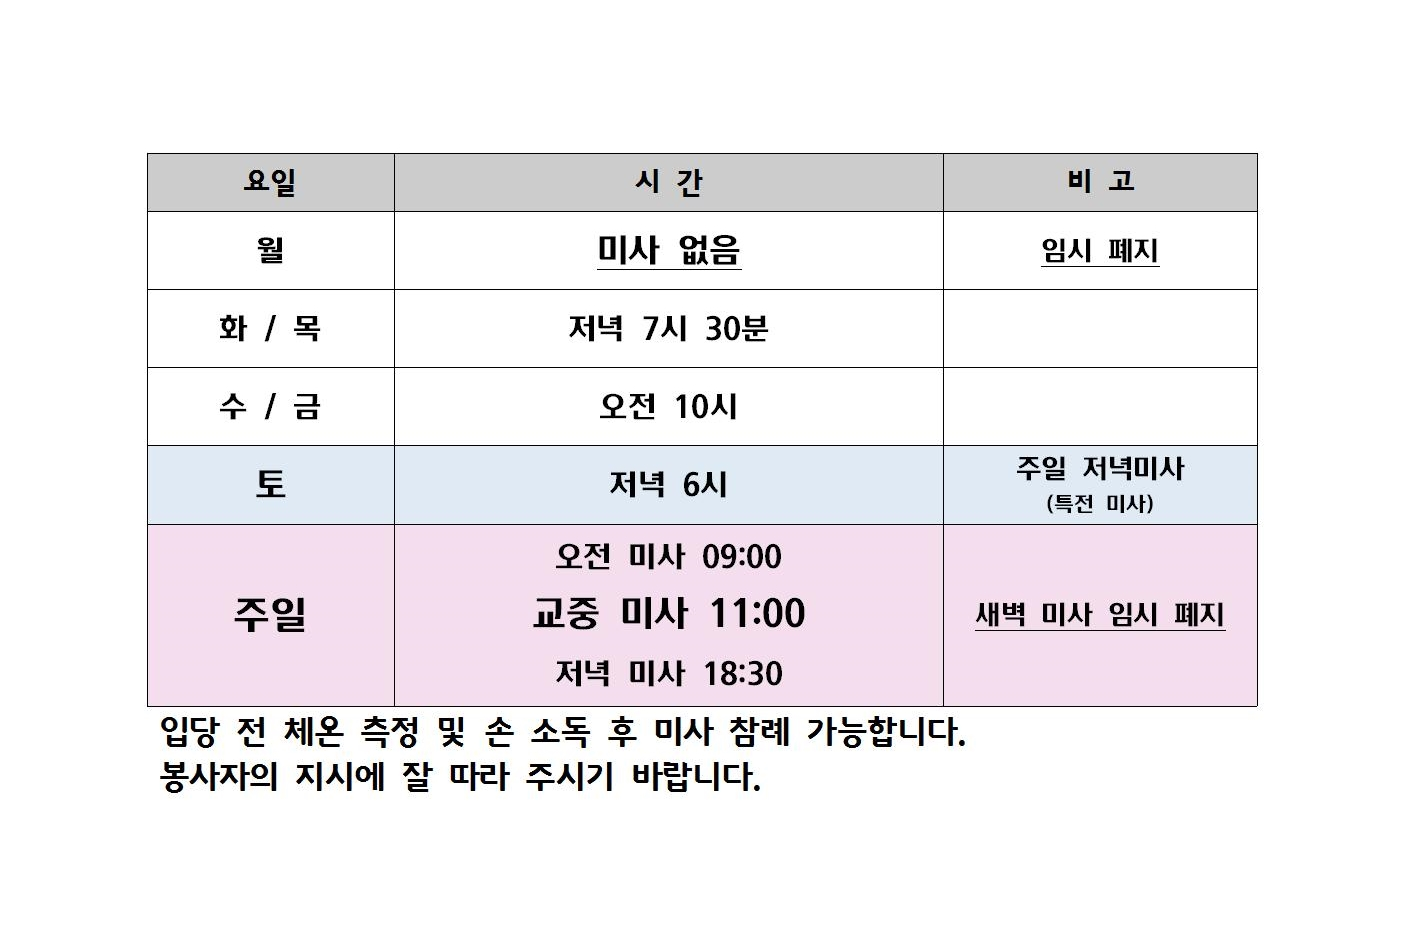 코로나19 미사 재개 후 미사 시간001.jpg